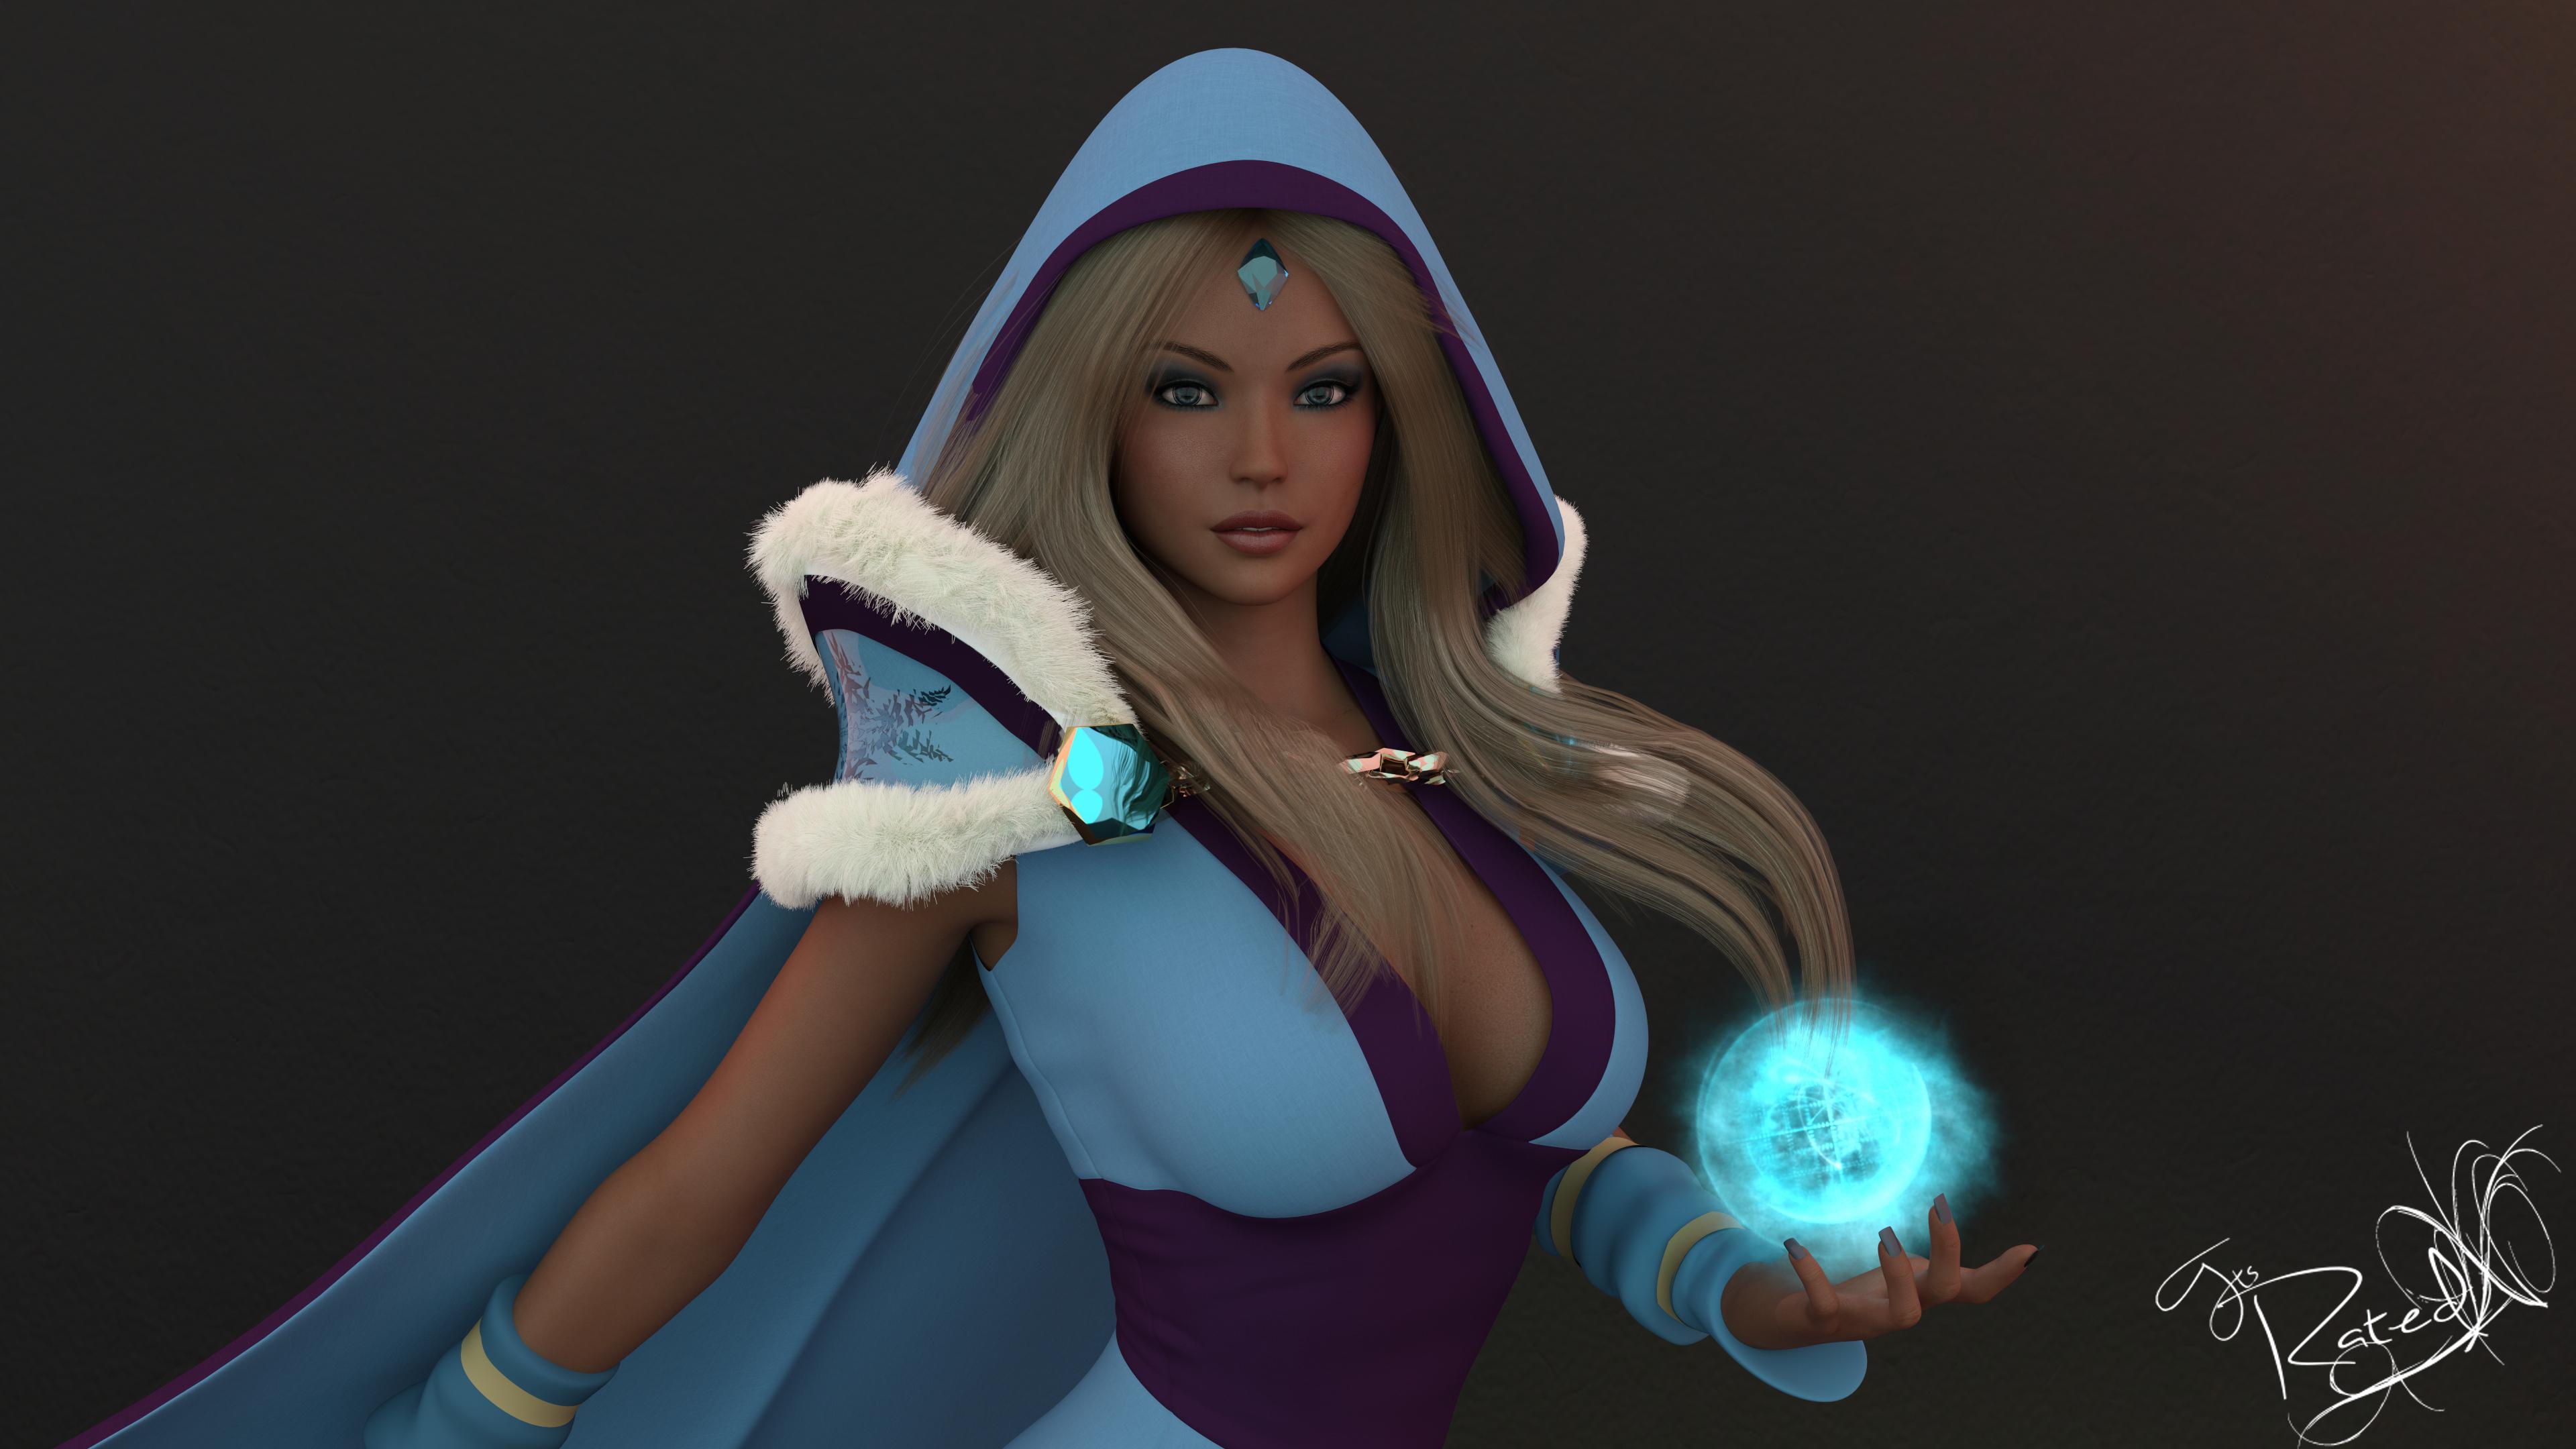 dota 2 crystal maiden fan art by itsratedx on deviantart